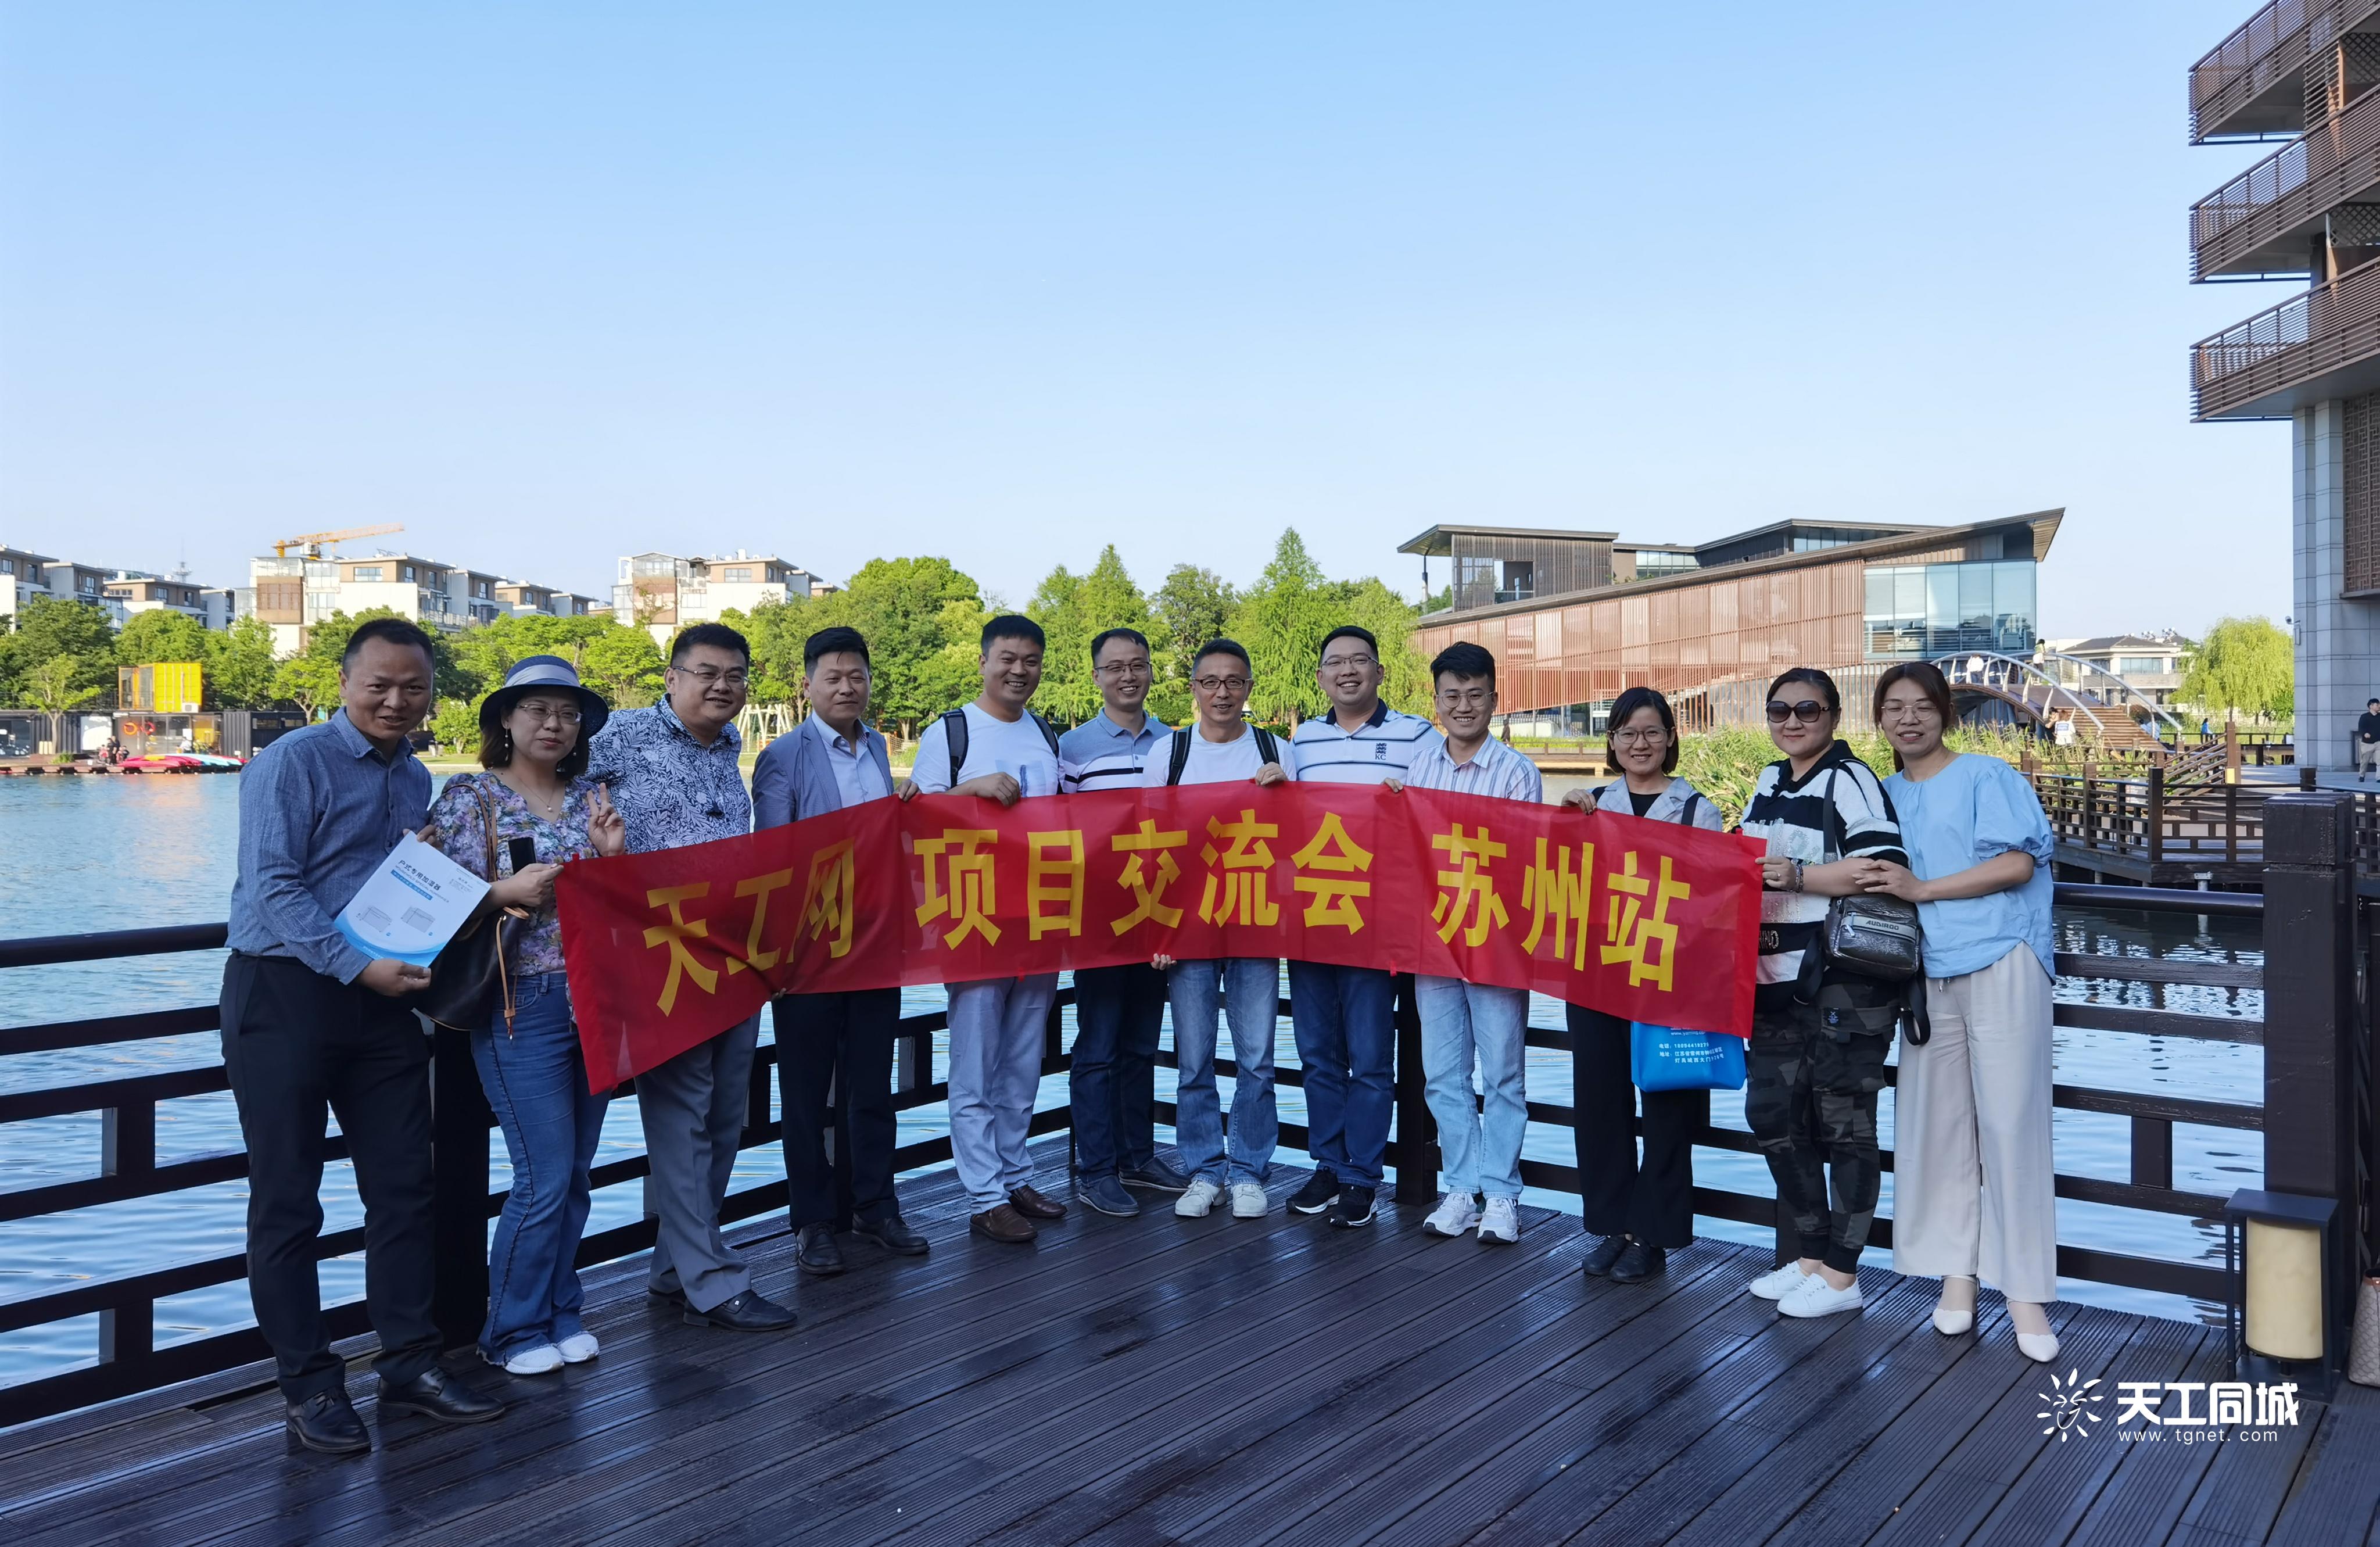 天工网(苏州、昆山、吴江)医药、化工、食品外企专场交流会